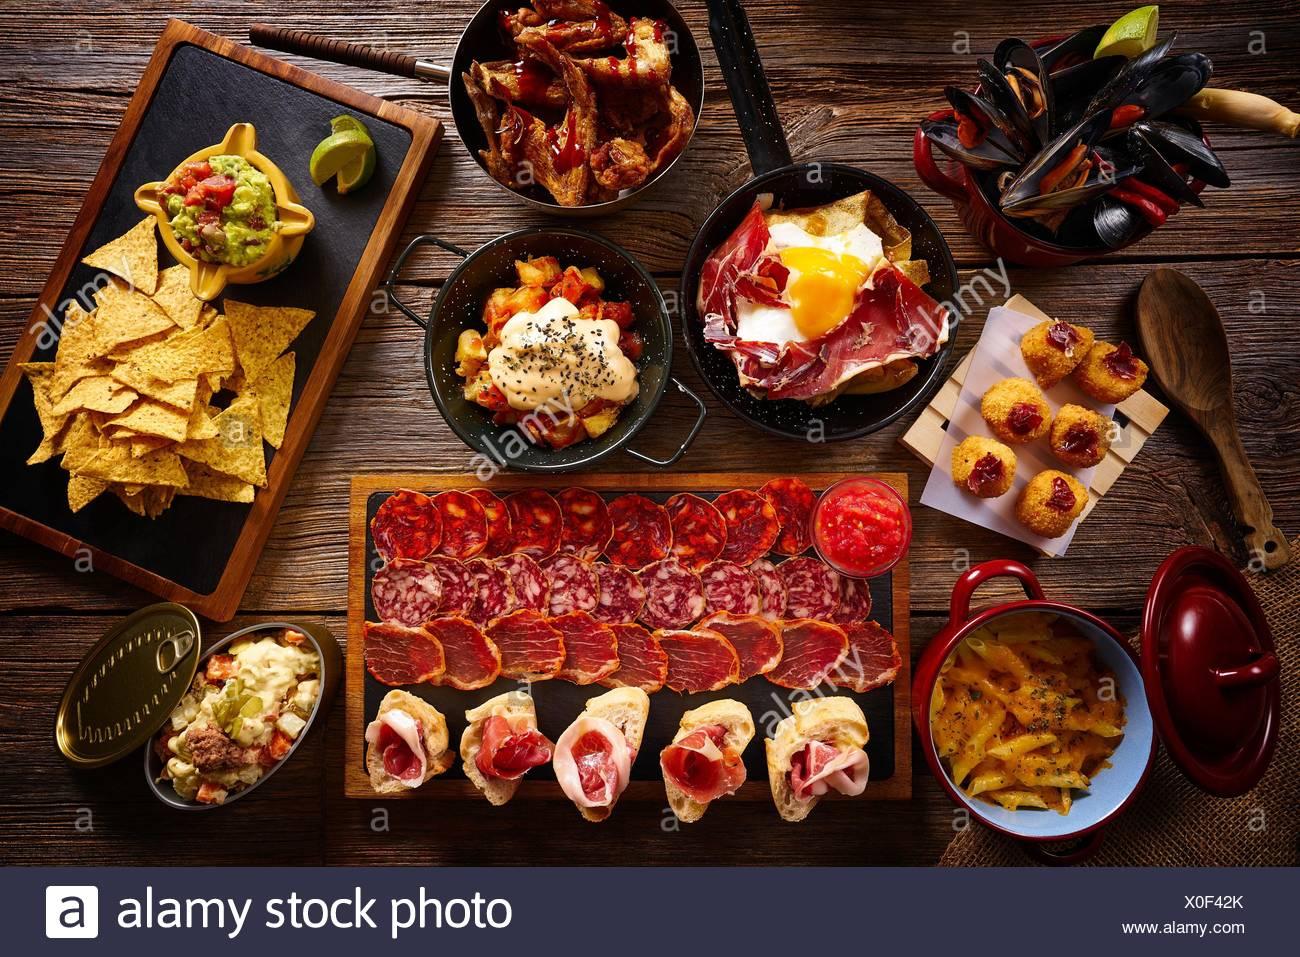 Tapas aus Spanien abwechslungsreichen Mix aus mediterranen Essen Rezepte. Stockbild